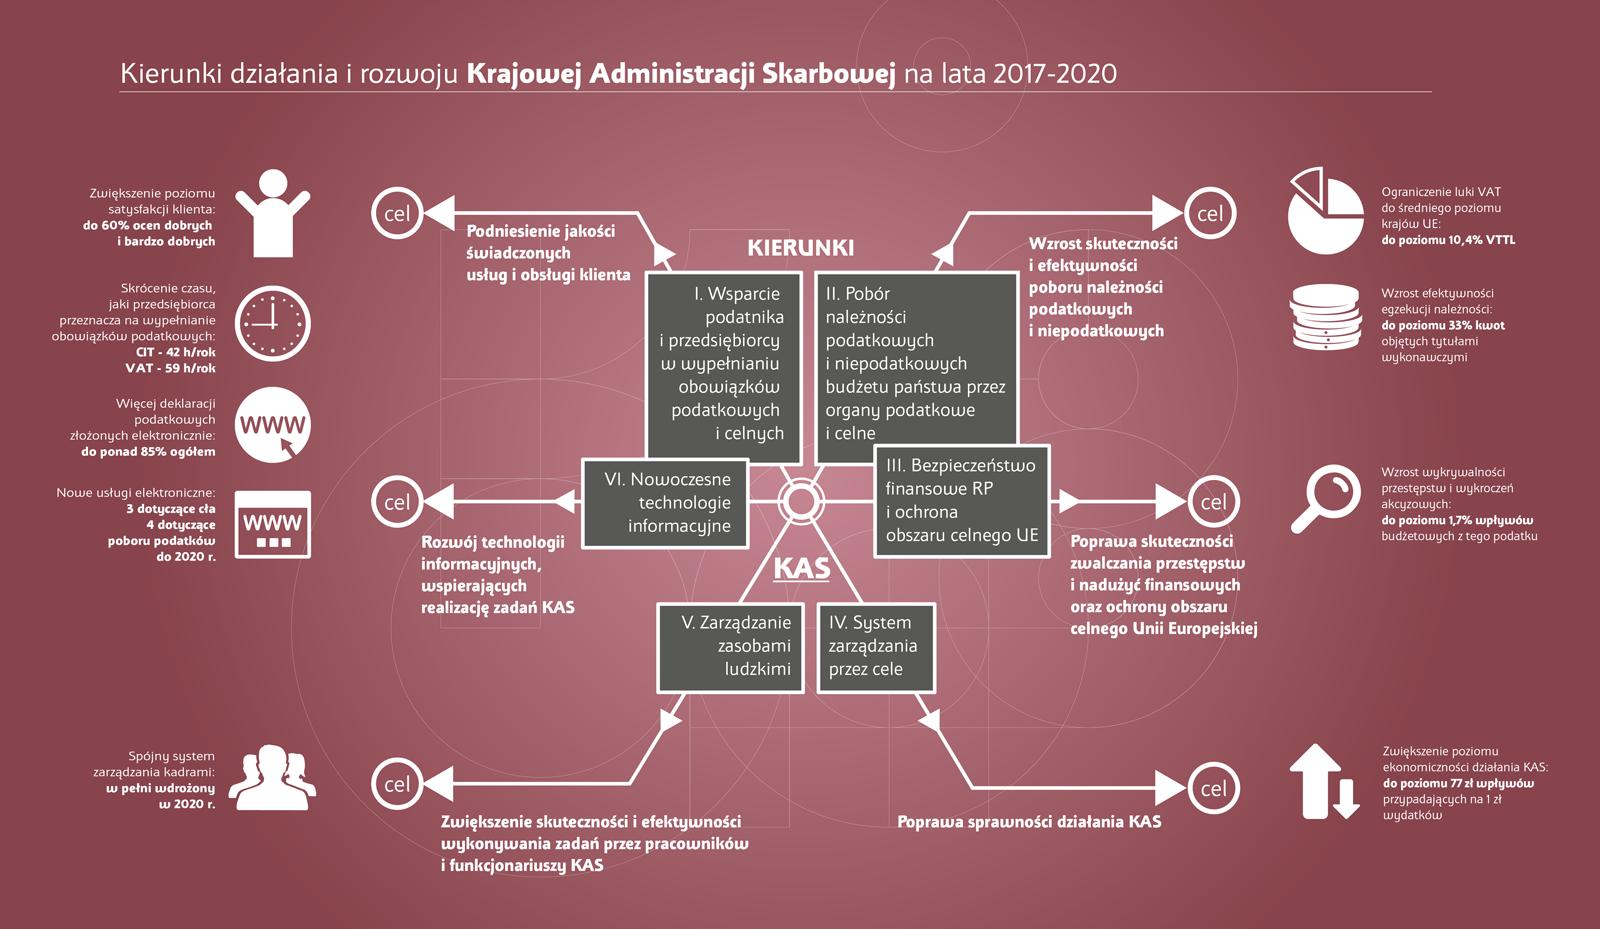 Grafika przedstawia kierunki działania i rozwoju KAS na lata 2017-2020. W kwadratach wskazano 6 kierunków a na strzałkach 6 celów. Na obrzeżach grafiki wskazano również 9 wskaźników pomiaru realizacji celów.